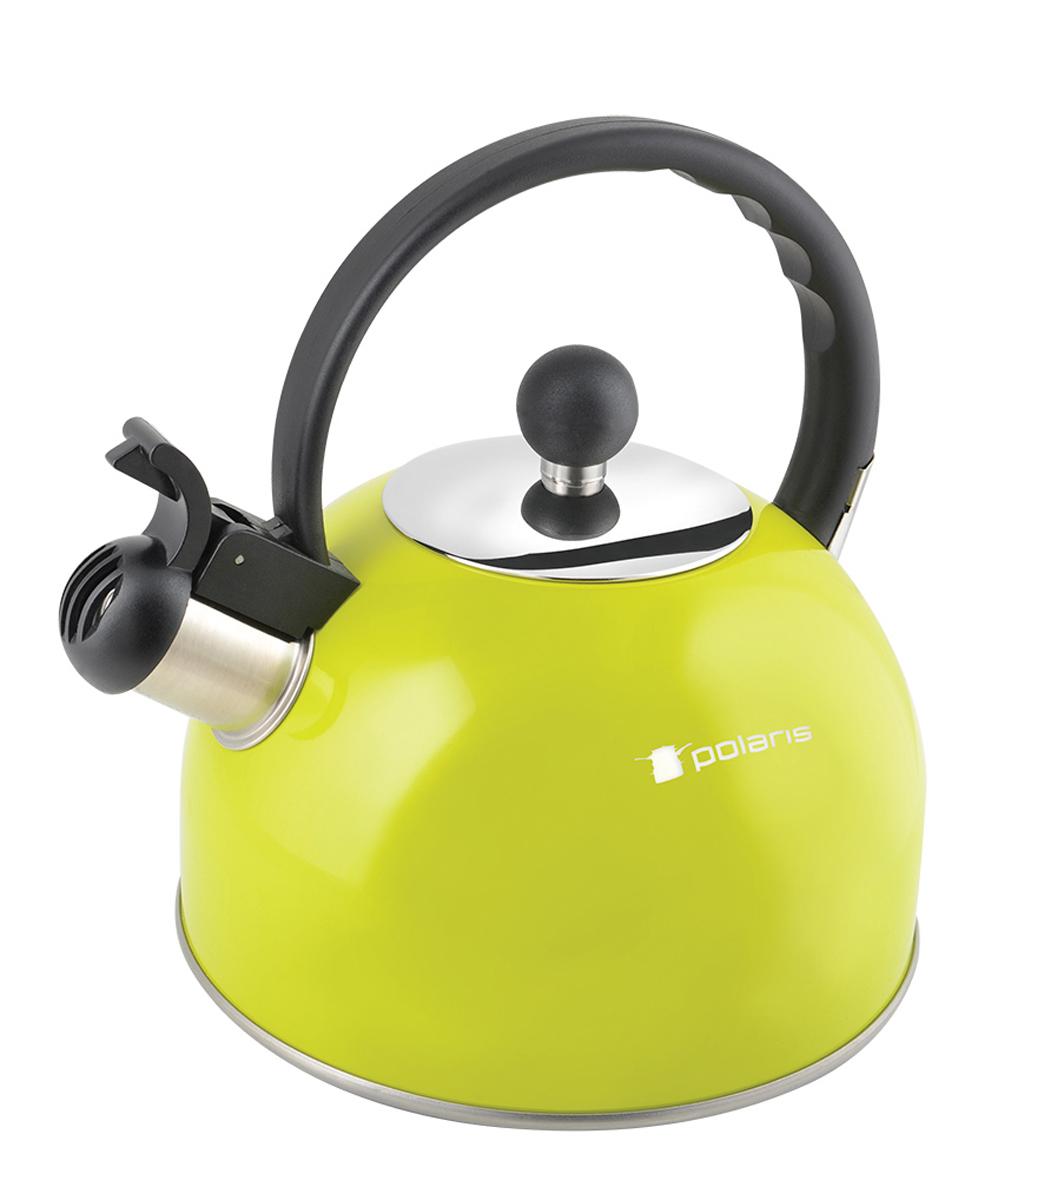 Чайник Polaris Lime-2,2L, со свистком, 2,2 лLime-2,2LВысококачественная нержавеющая сталь 18/10. Свисток на клапане. Эргономичная бакелитовая ручка не нагревается. Внешнее цветное покрытие